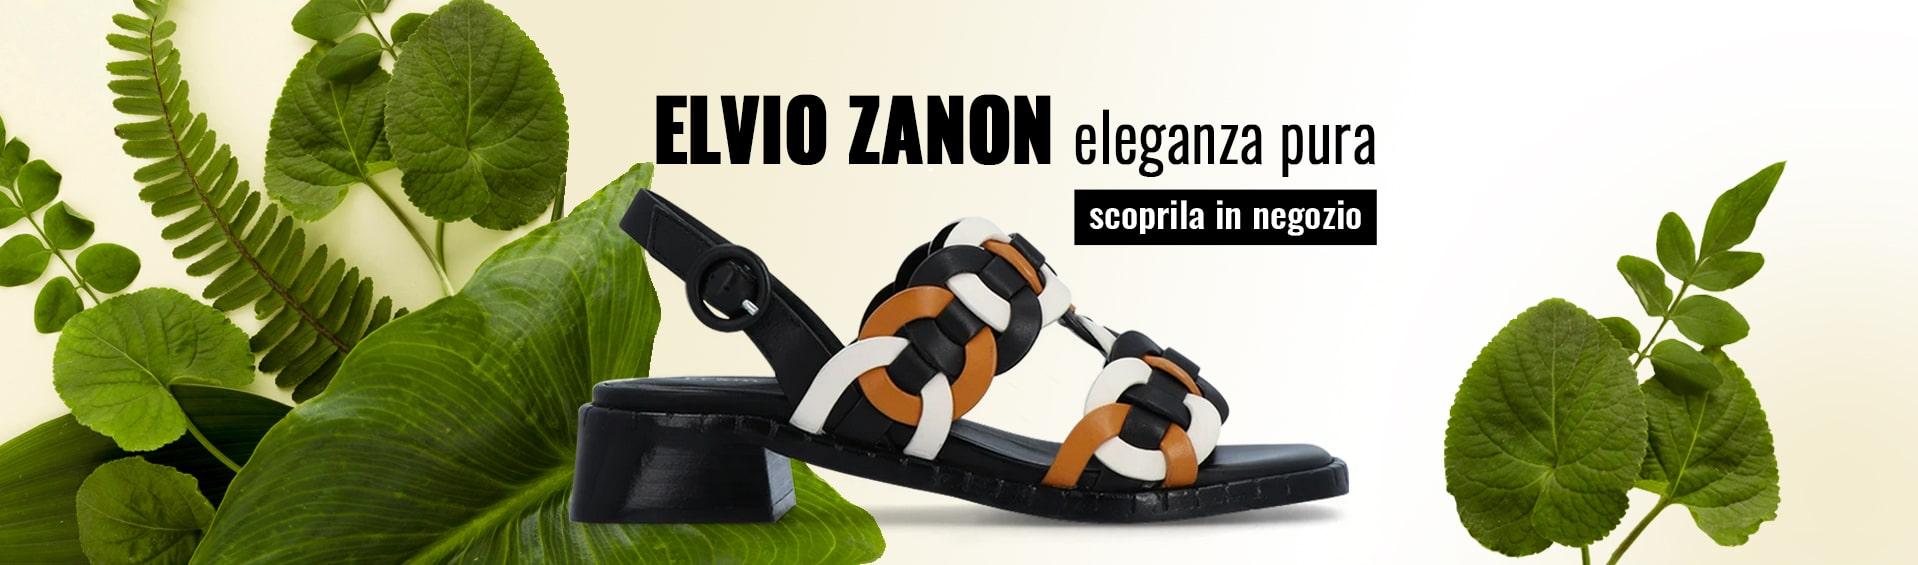 Elvio-Zanon-collezione-2021